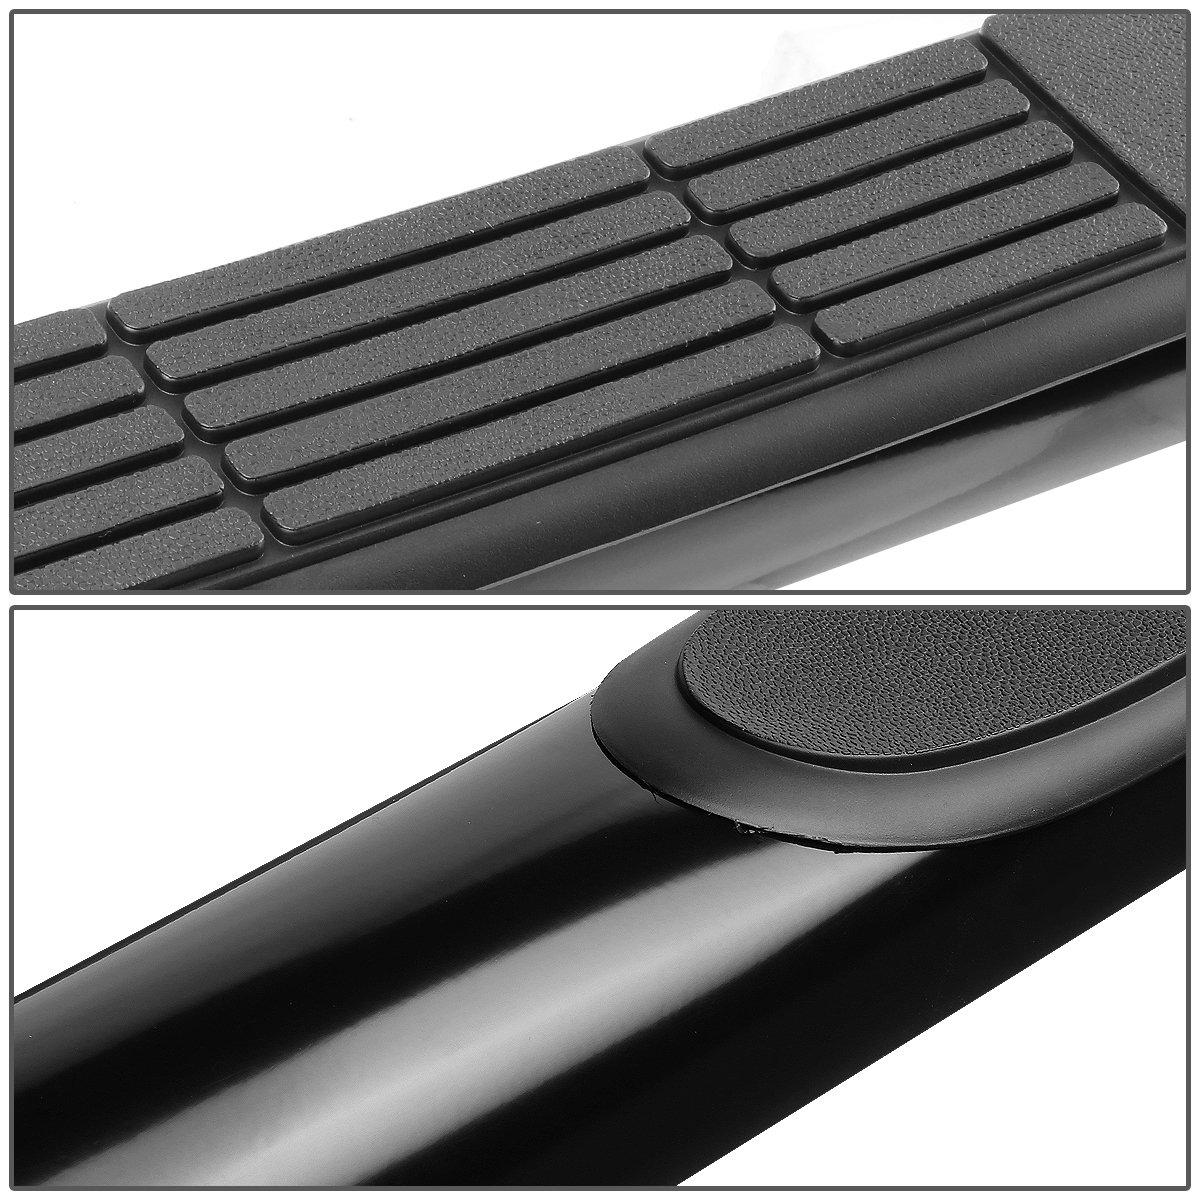 For Chevy Silverado/GMC Sierra Crew Cab 3'' Side Step Nerf Bar Running Board (Black) by Auto Dynasty (Image #2)